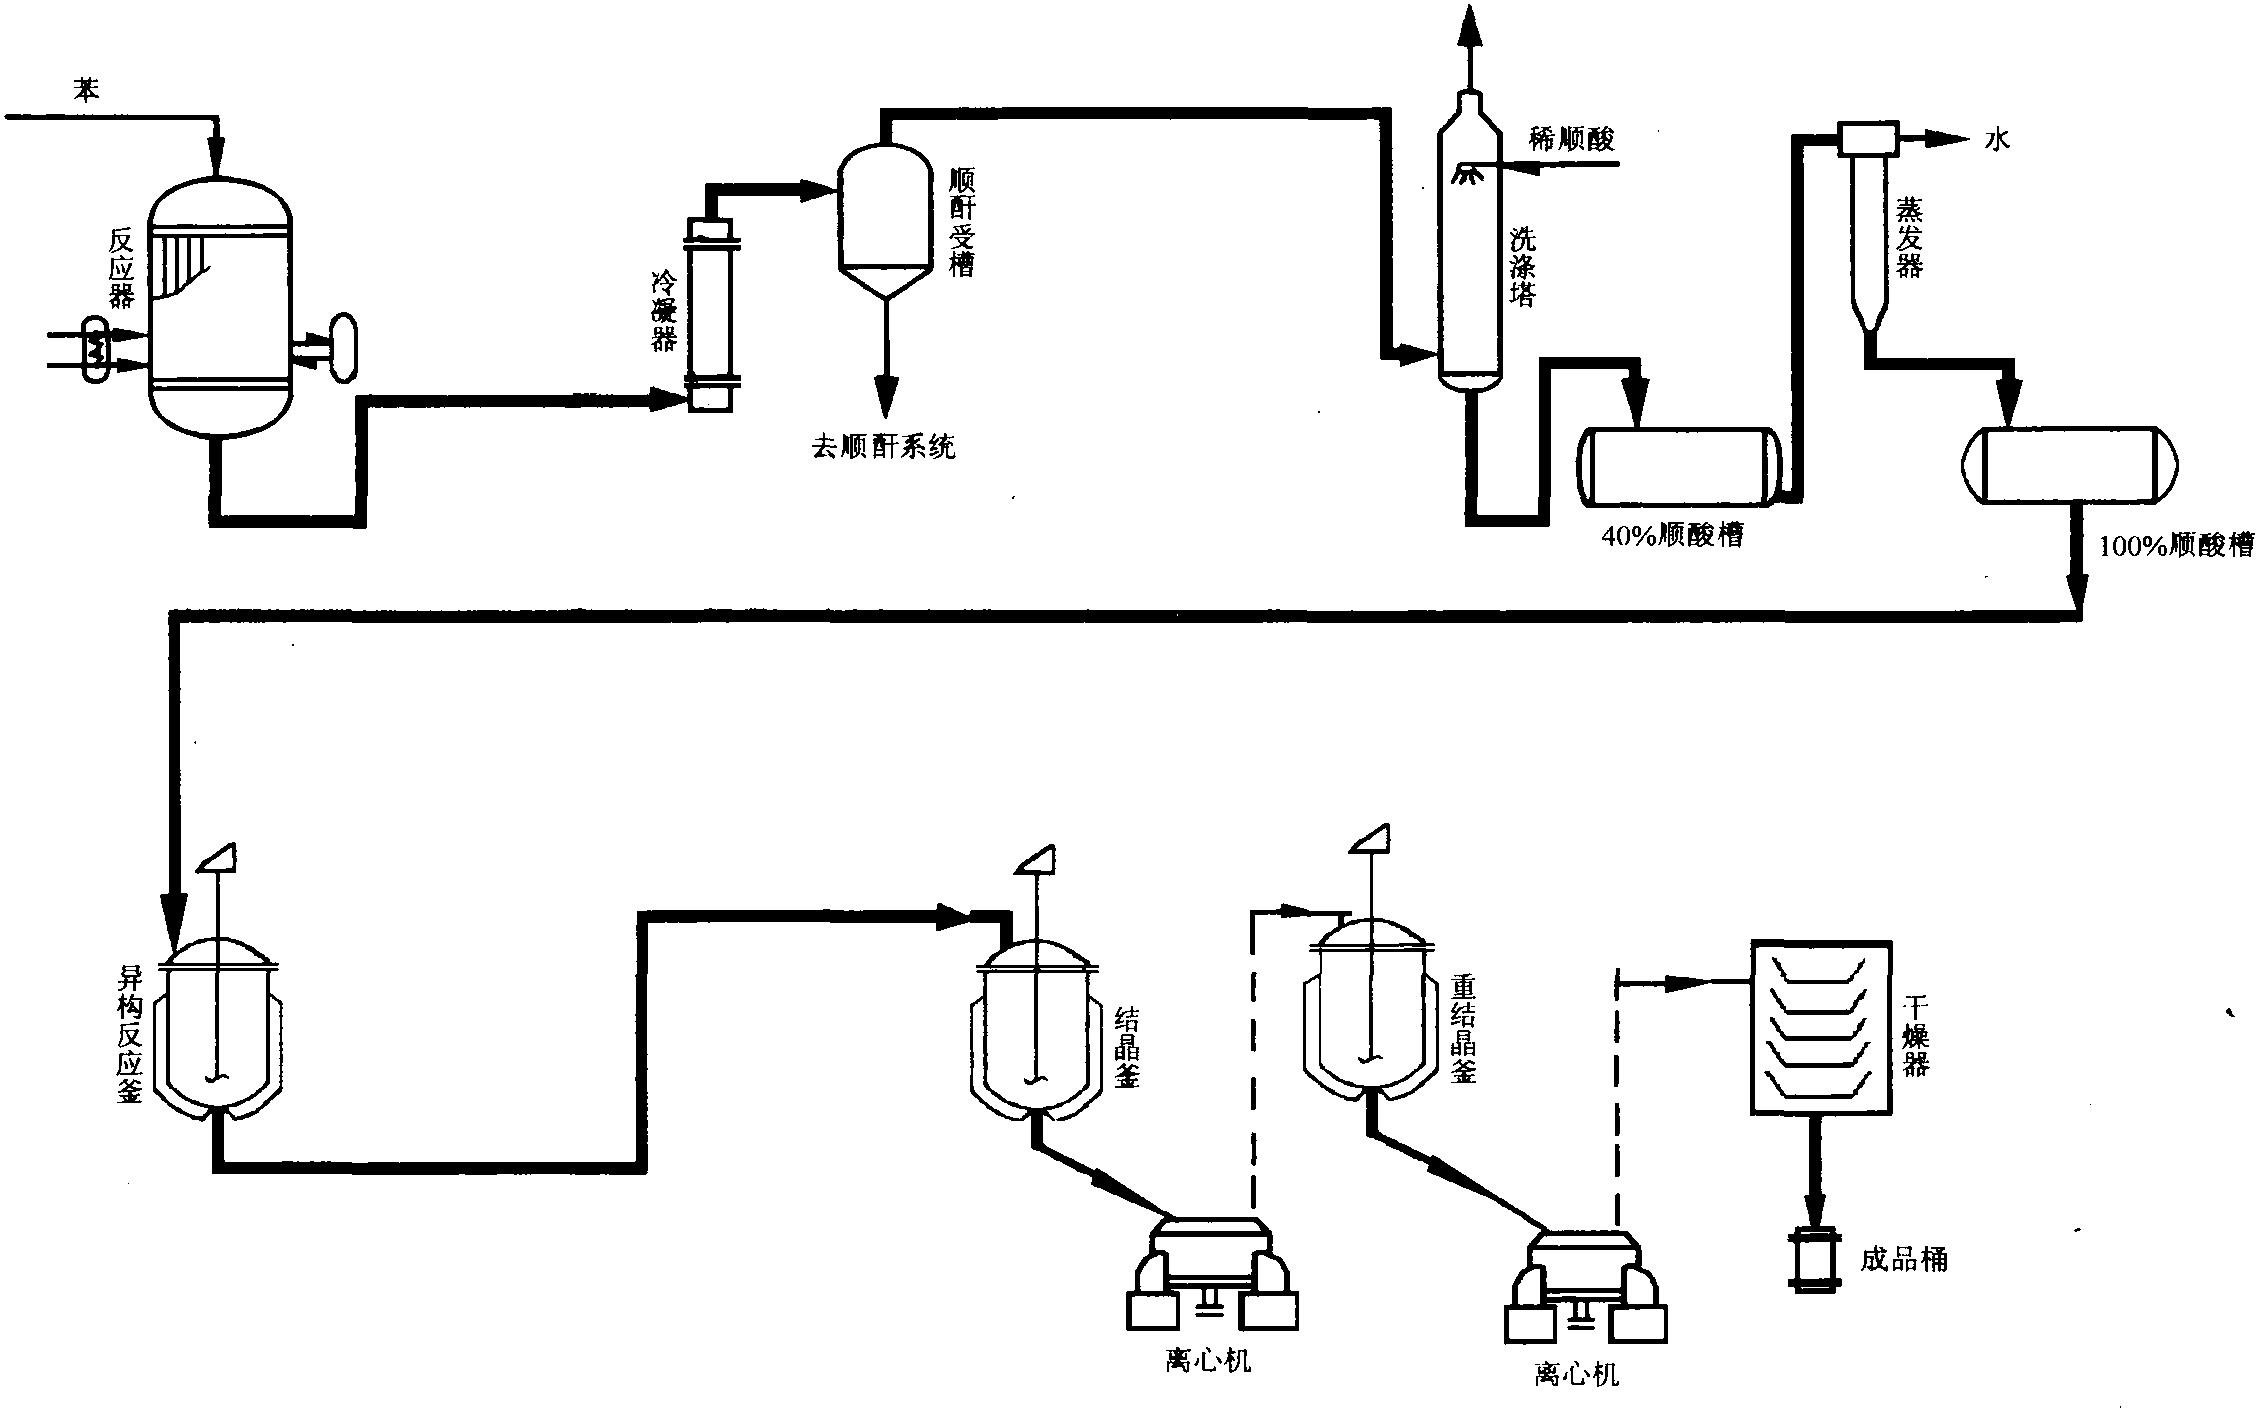 反丁烯二酸生产流程图